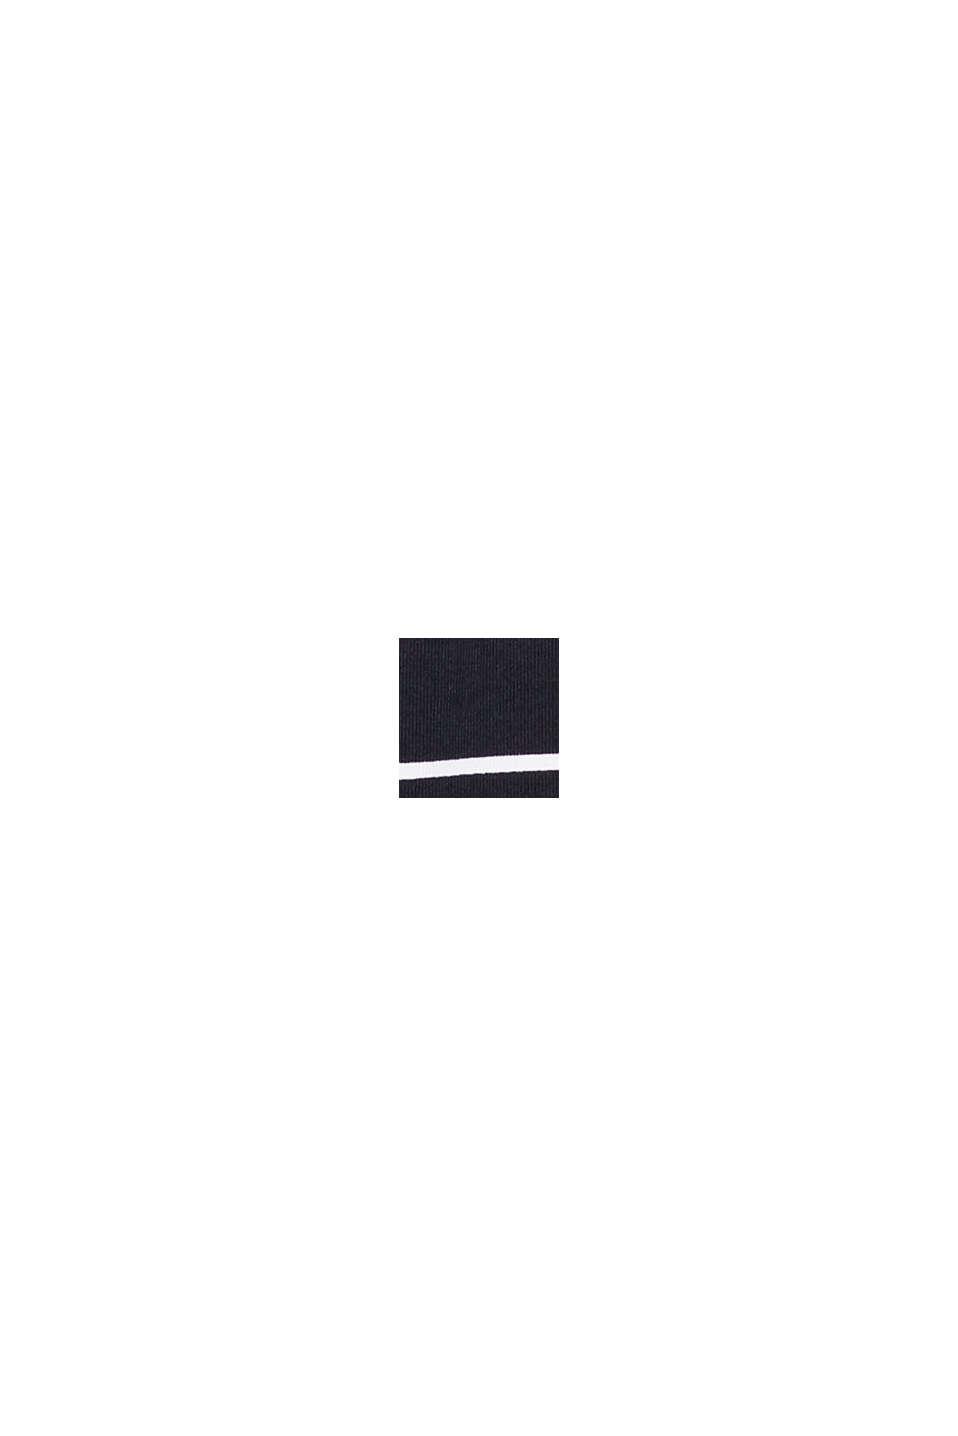 Maillot une pièce rembourré à rayures, BLACK, swatch